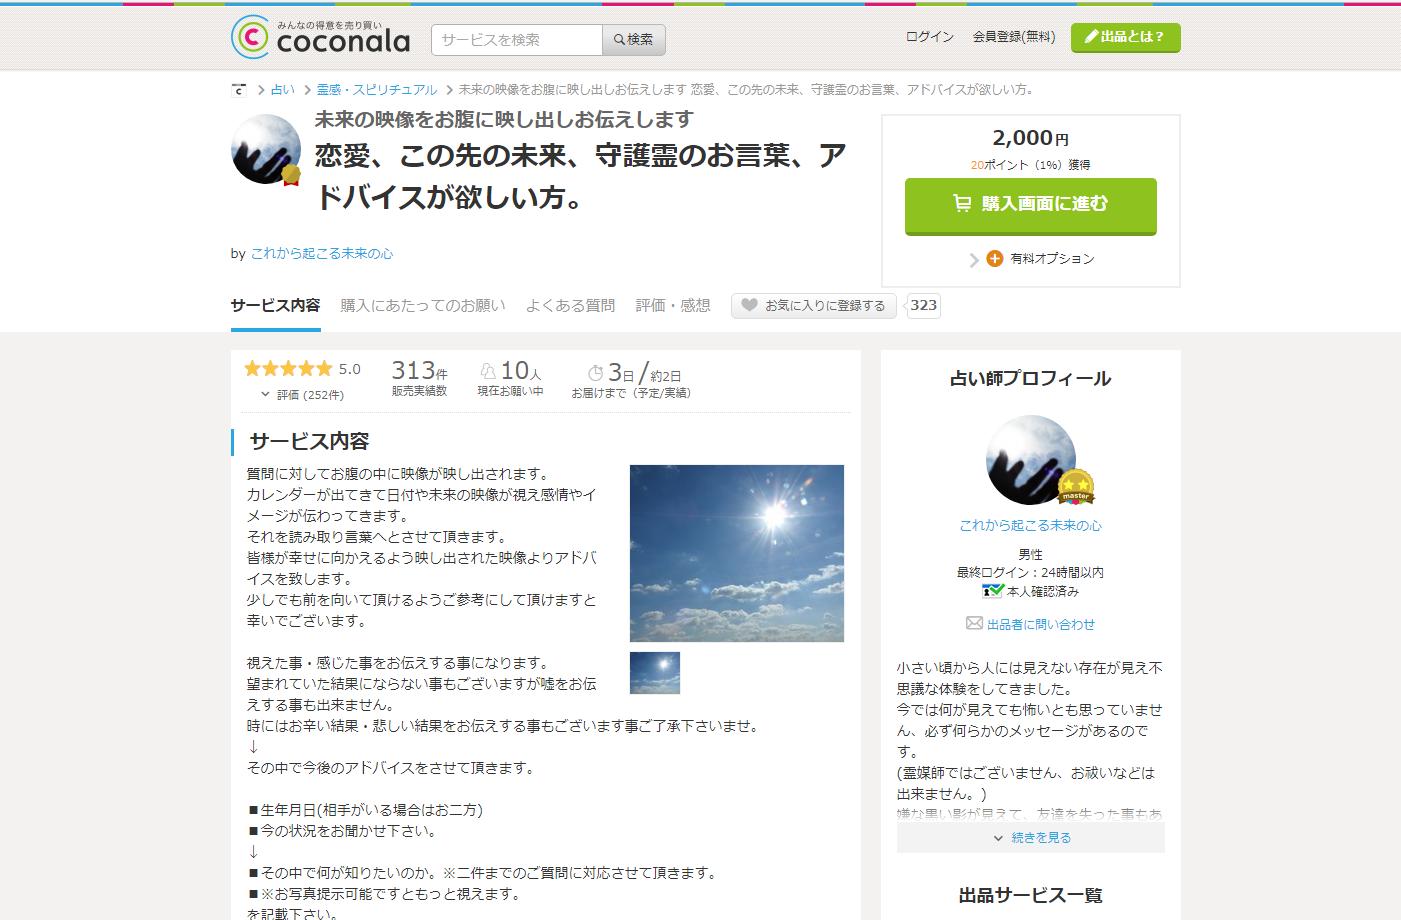 ココナラクチコミSS1